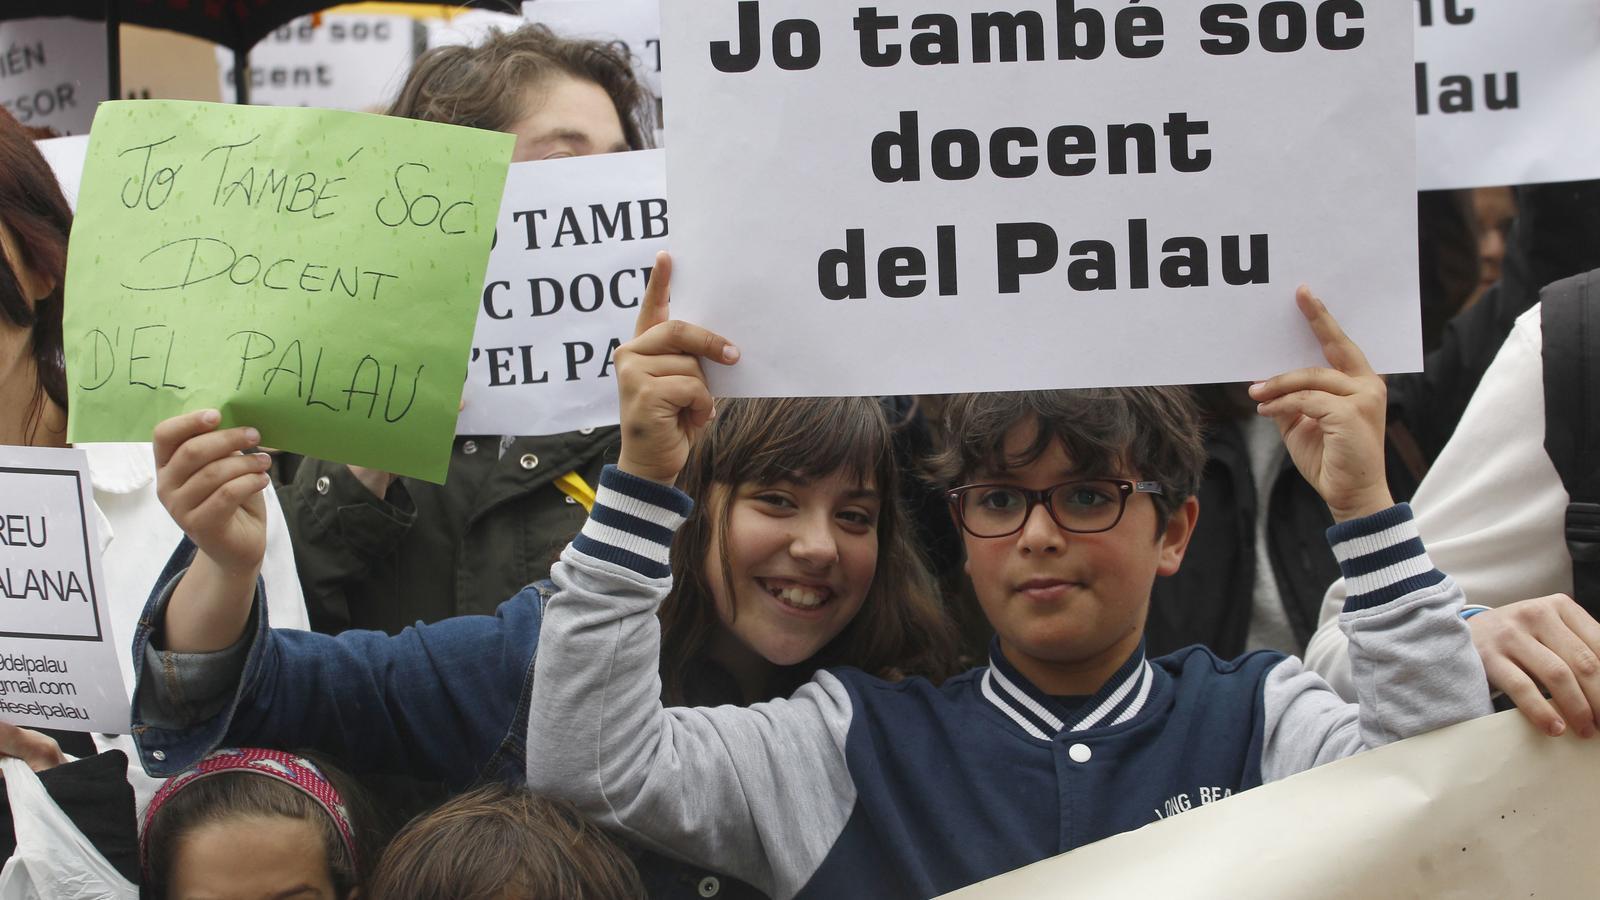 """Primers suports estatals als docents d'El Palau: la CGT denuncia la """"campanya d'atacs"""" als docents catalans"""